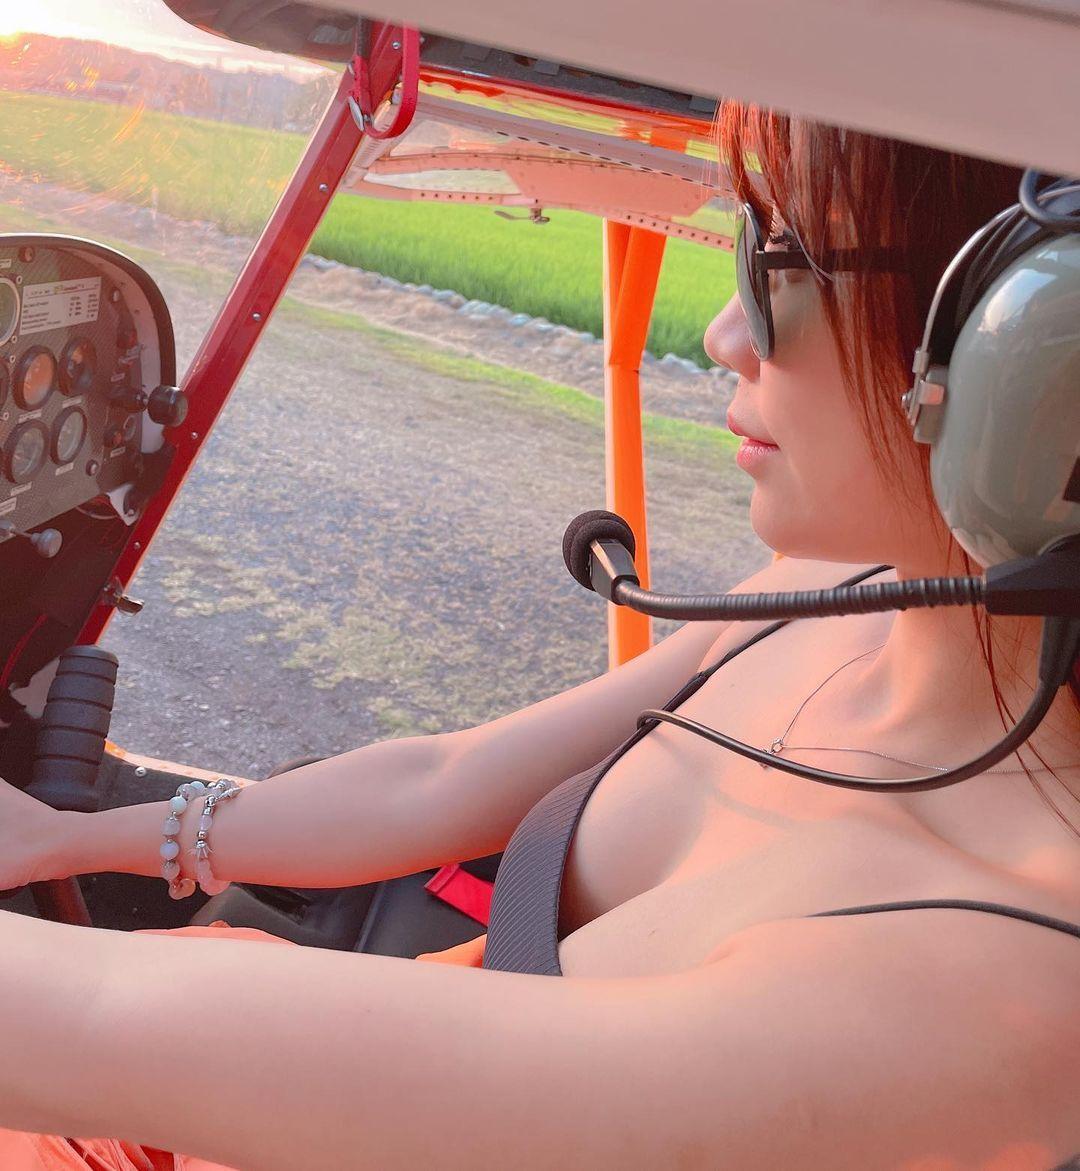 轻航机美女飞行员「莉亚liya」启航绝美御姐霸气满分 网络美女 第4张